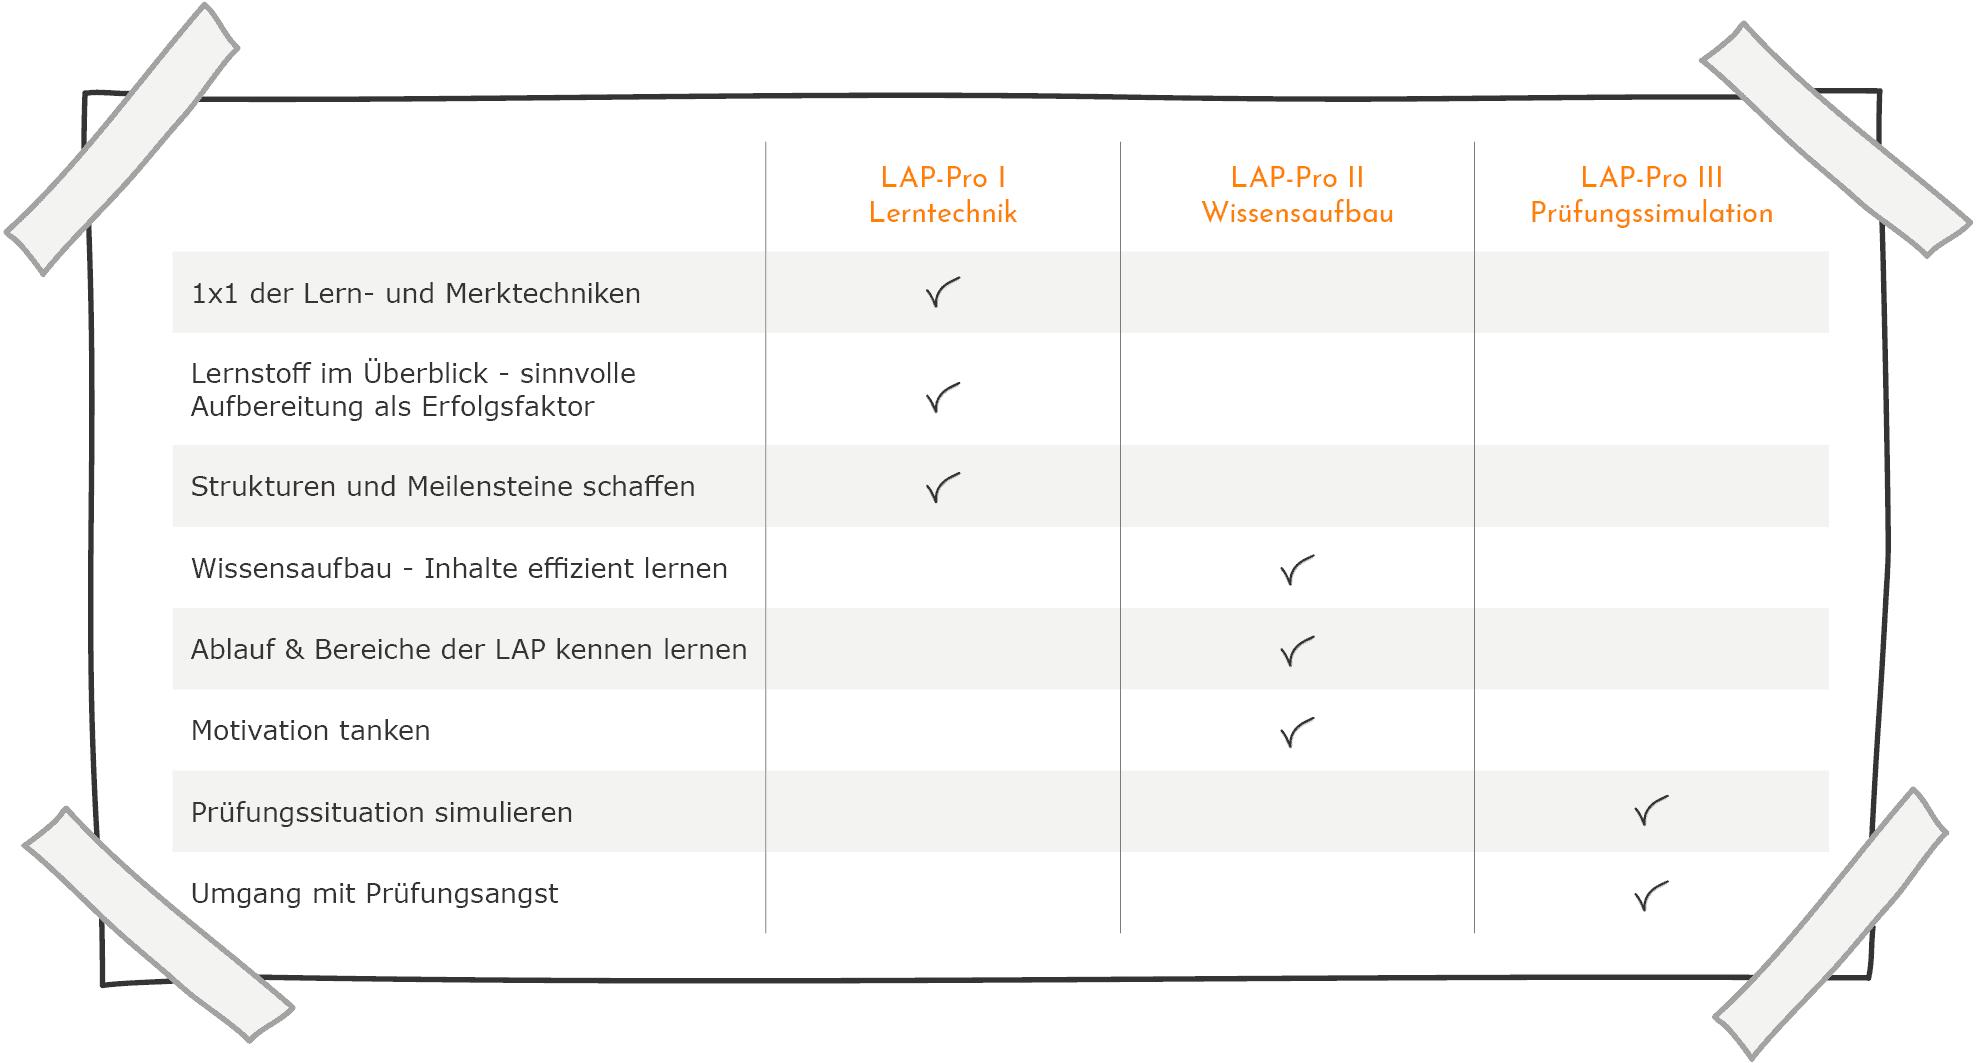 LAP-Vorbereitung - Inhalte im Vergleich